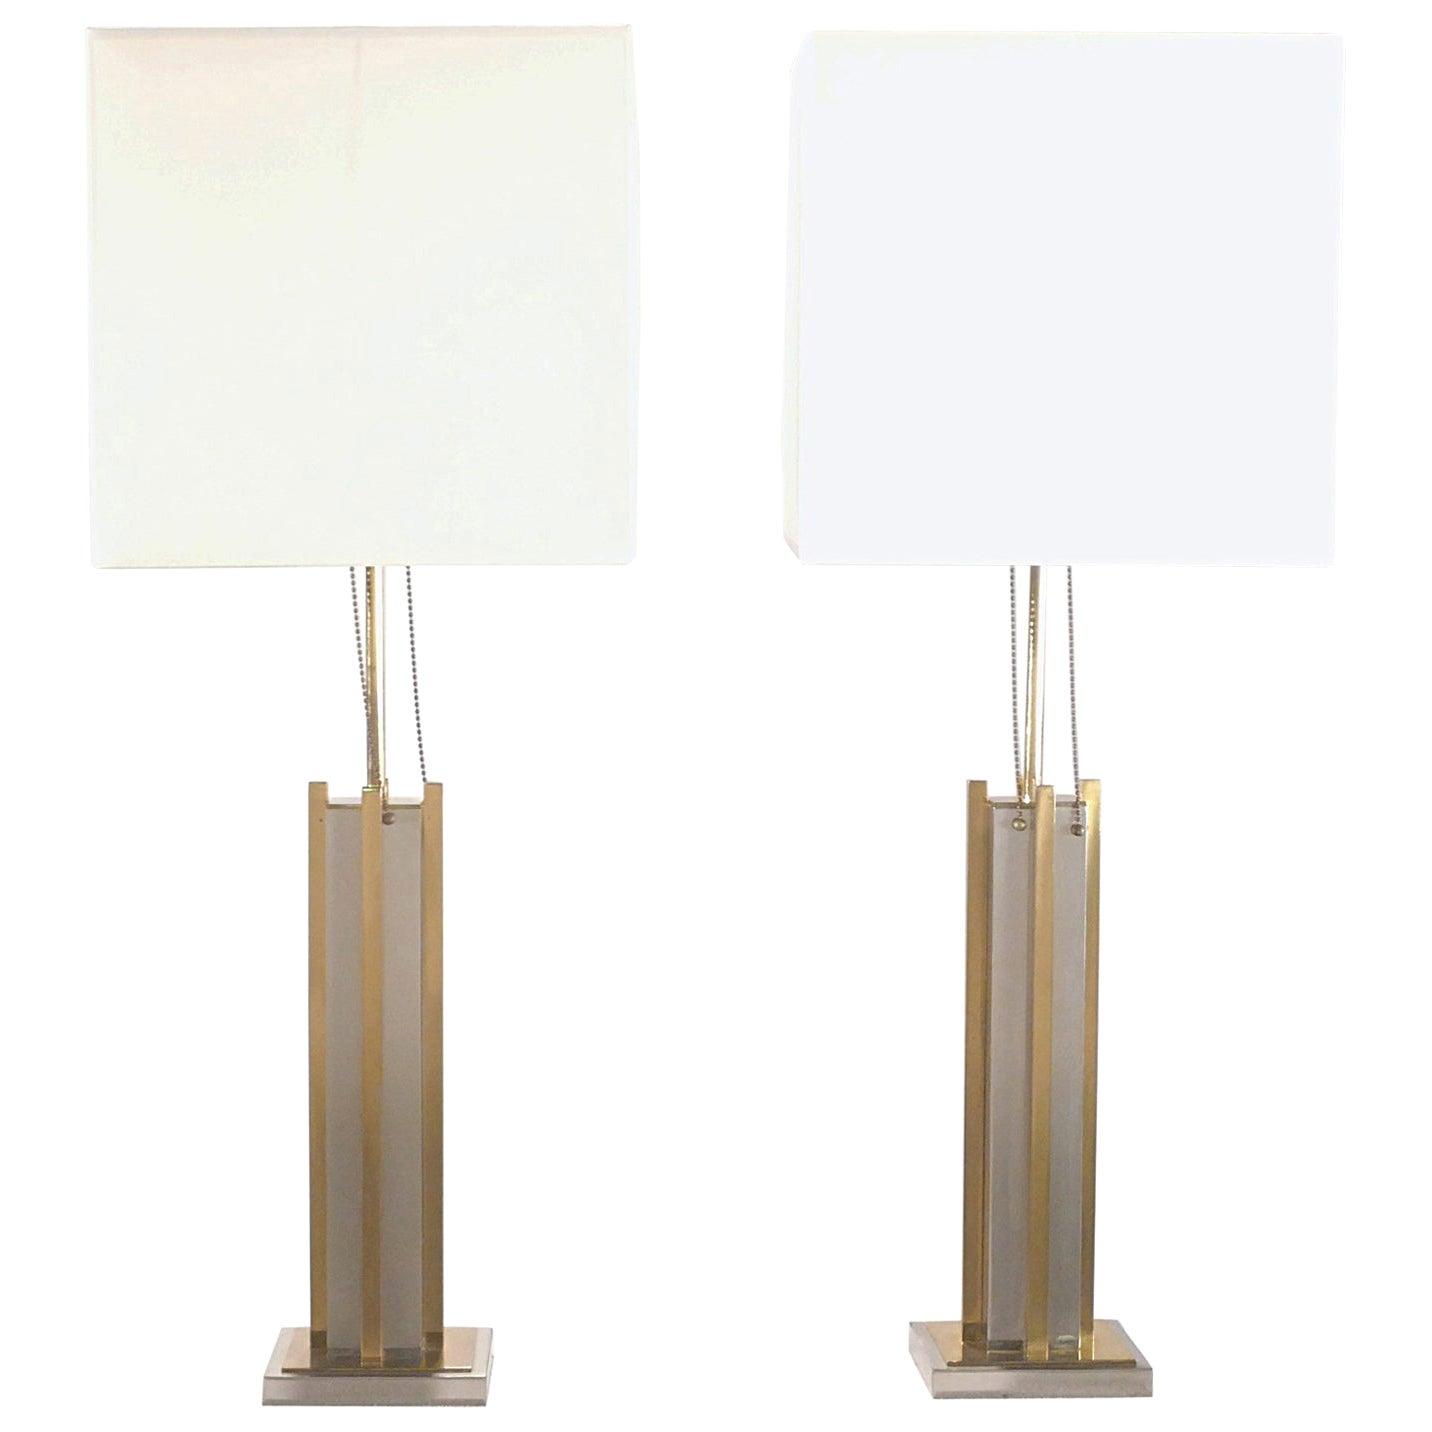 Pair of Italian Gaetano Sciolari Brass and Chrome Lamps, 1970s